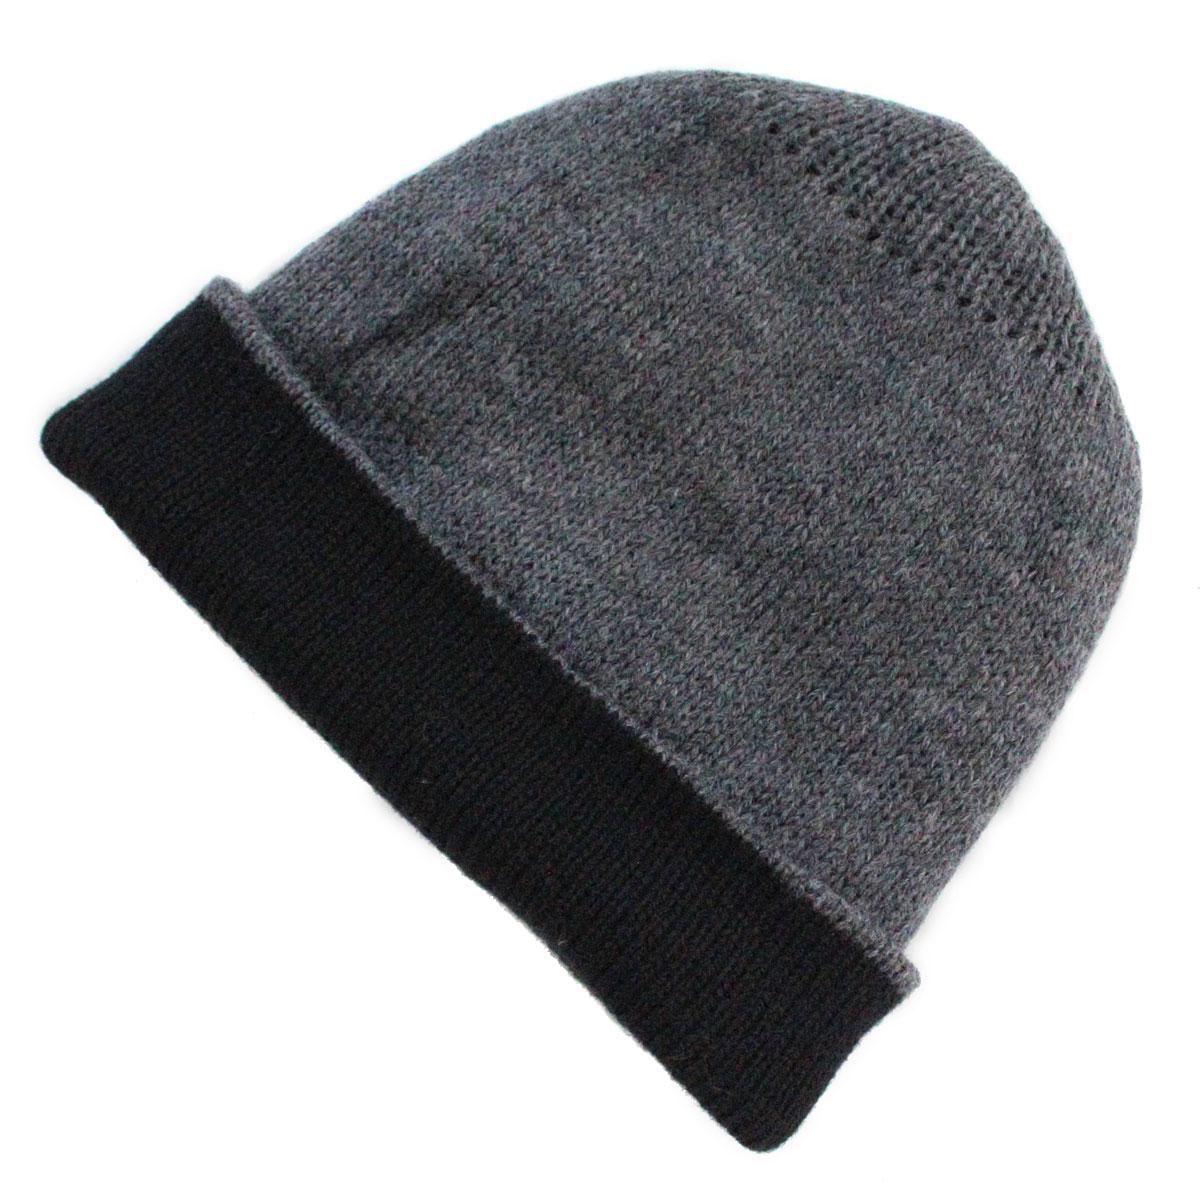 Inka-Products-Bonnet Réversible Alpaga-Gris et Noir